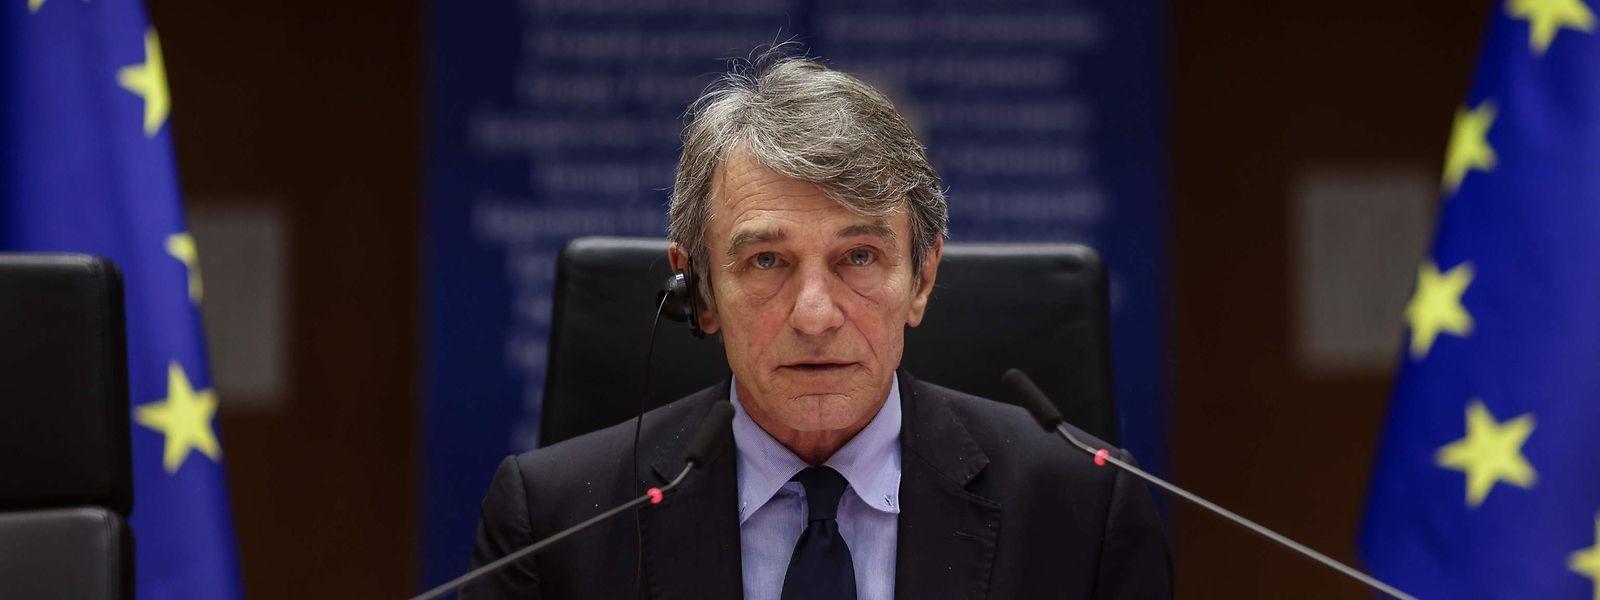 Presidente do Parlamento Europeu, David Sassoli